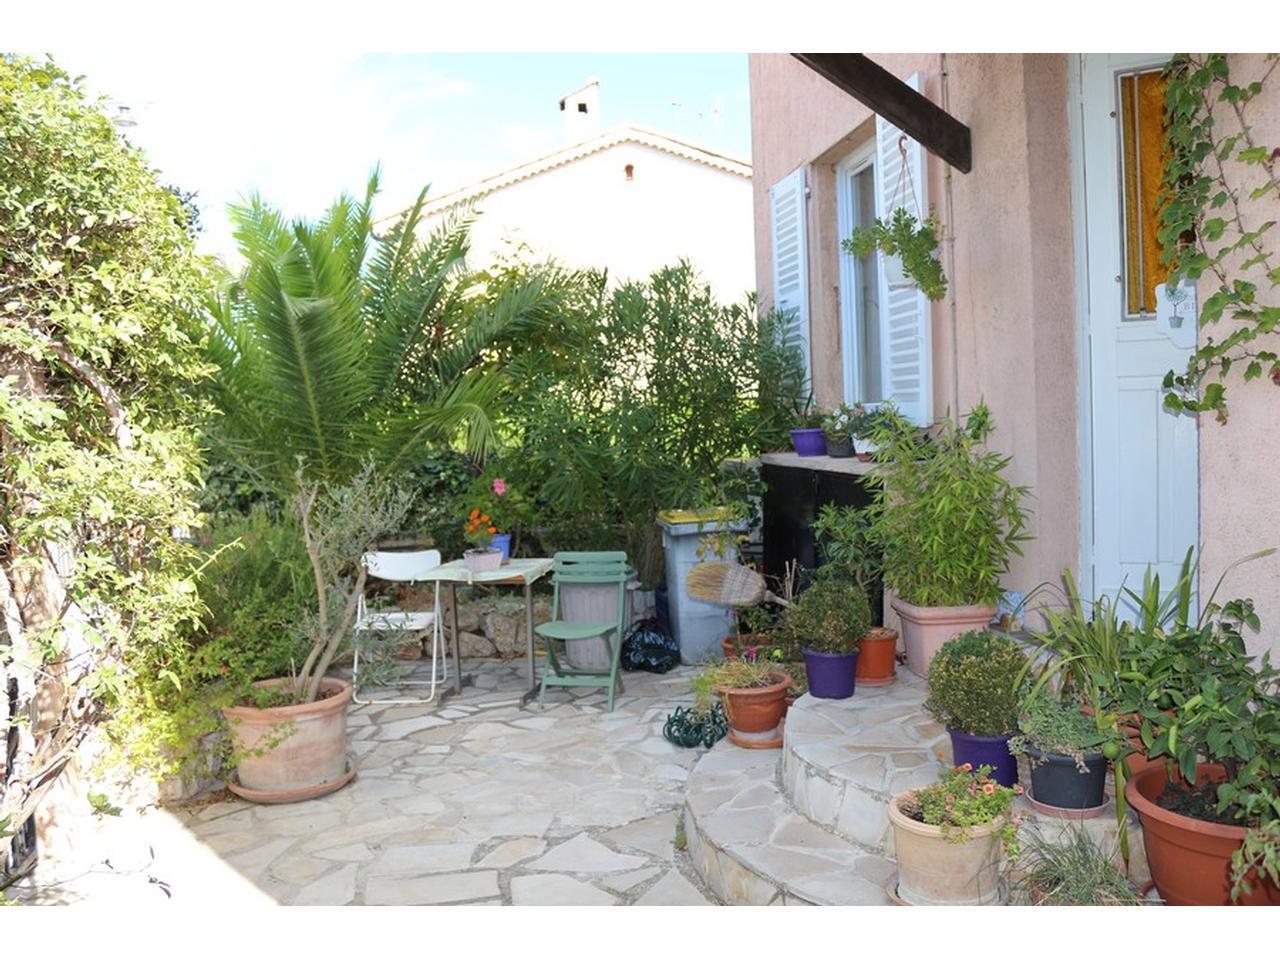 Immobili re manon l 39 agence immobili re de nice villa for Jardin villa ratti nice